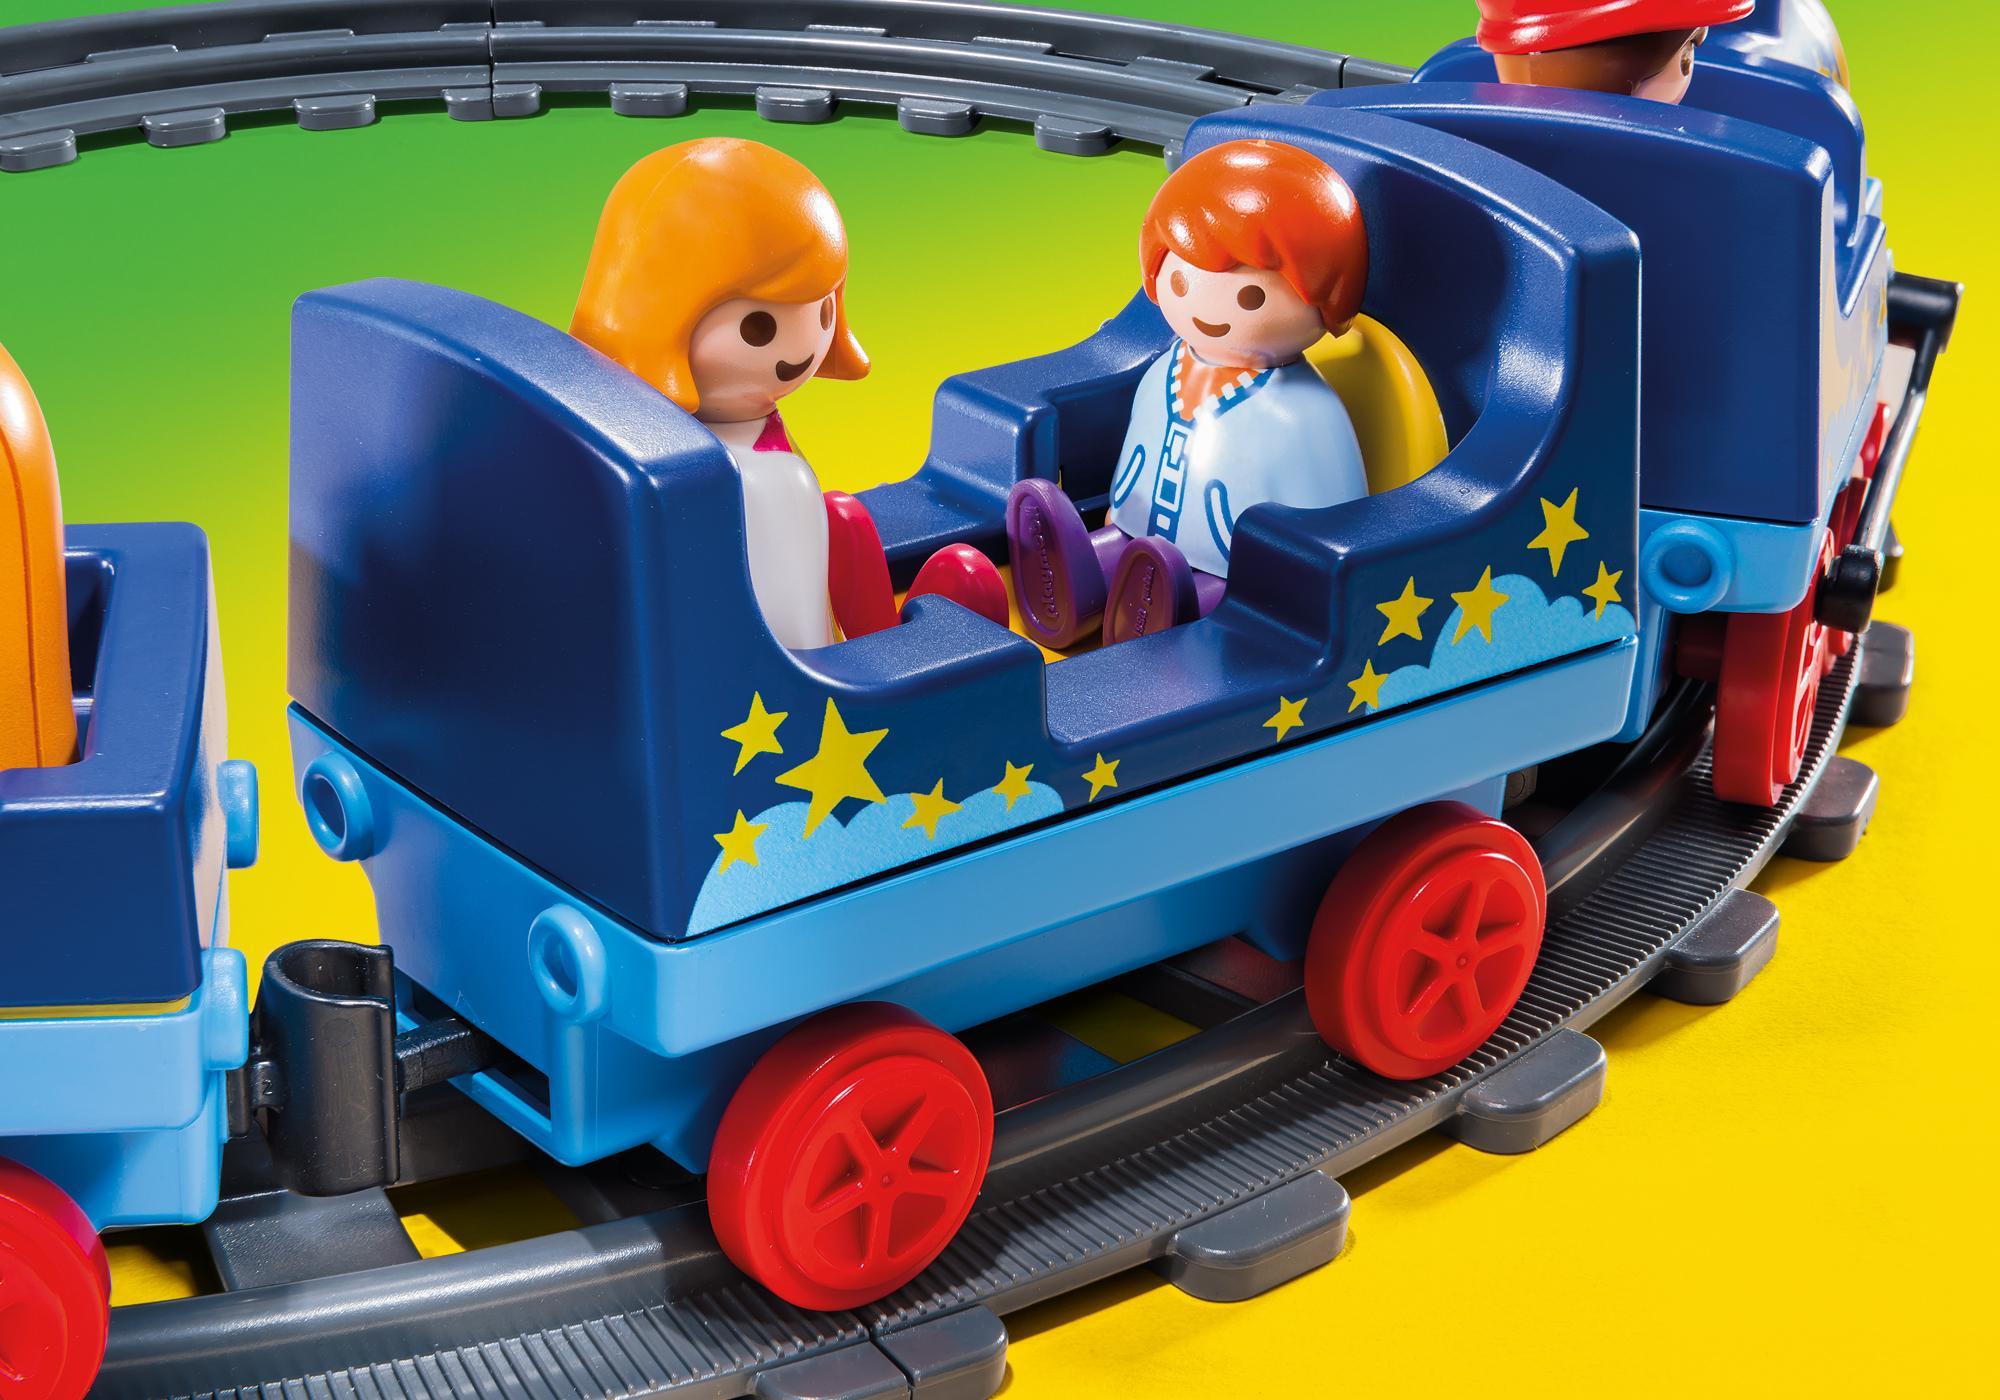 http://media.playmobil.com/i/playmobil/6880_product_extra1/1.2.3 Comboio com linha férrea